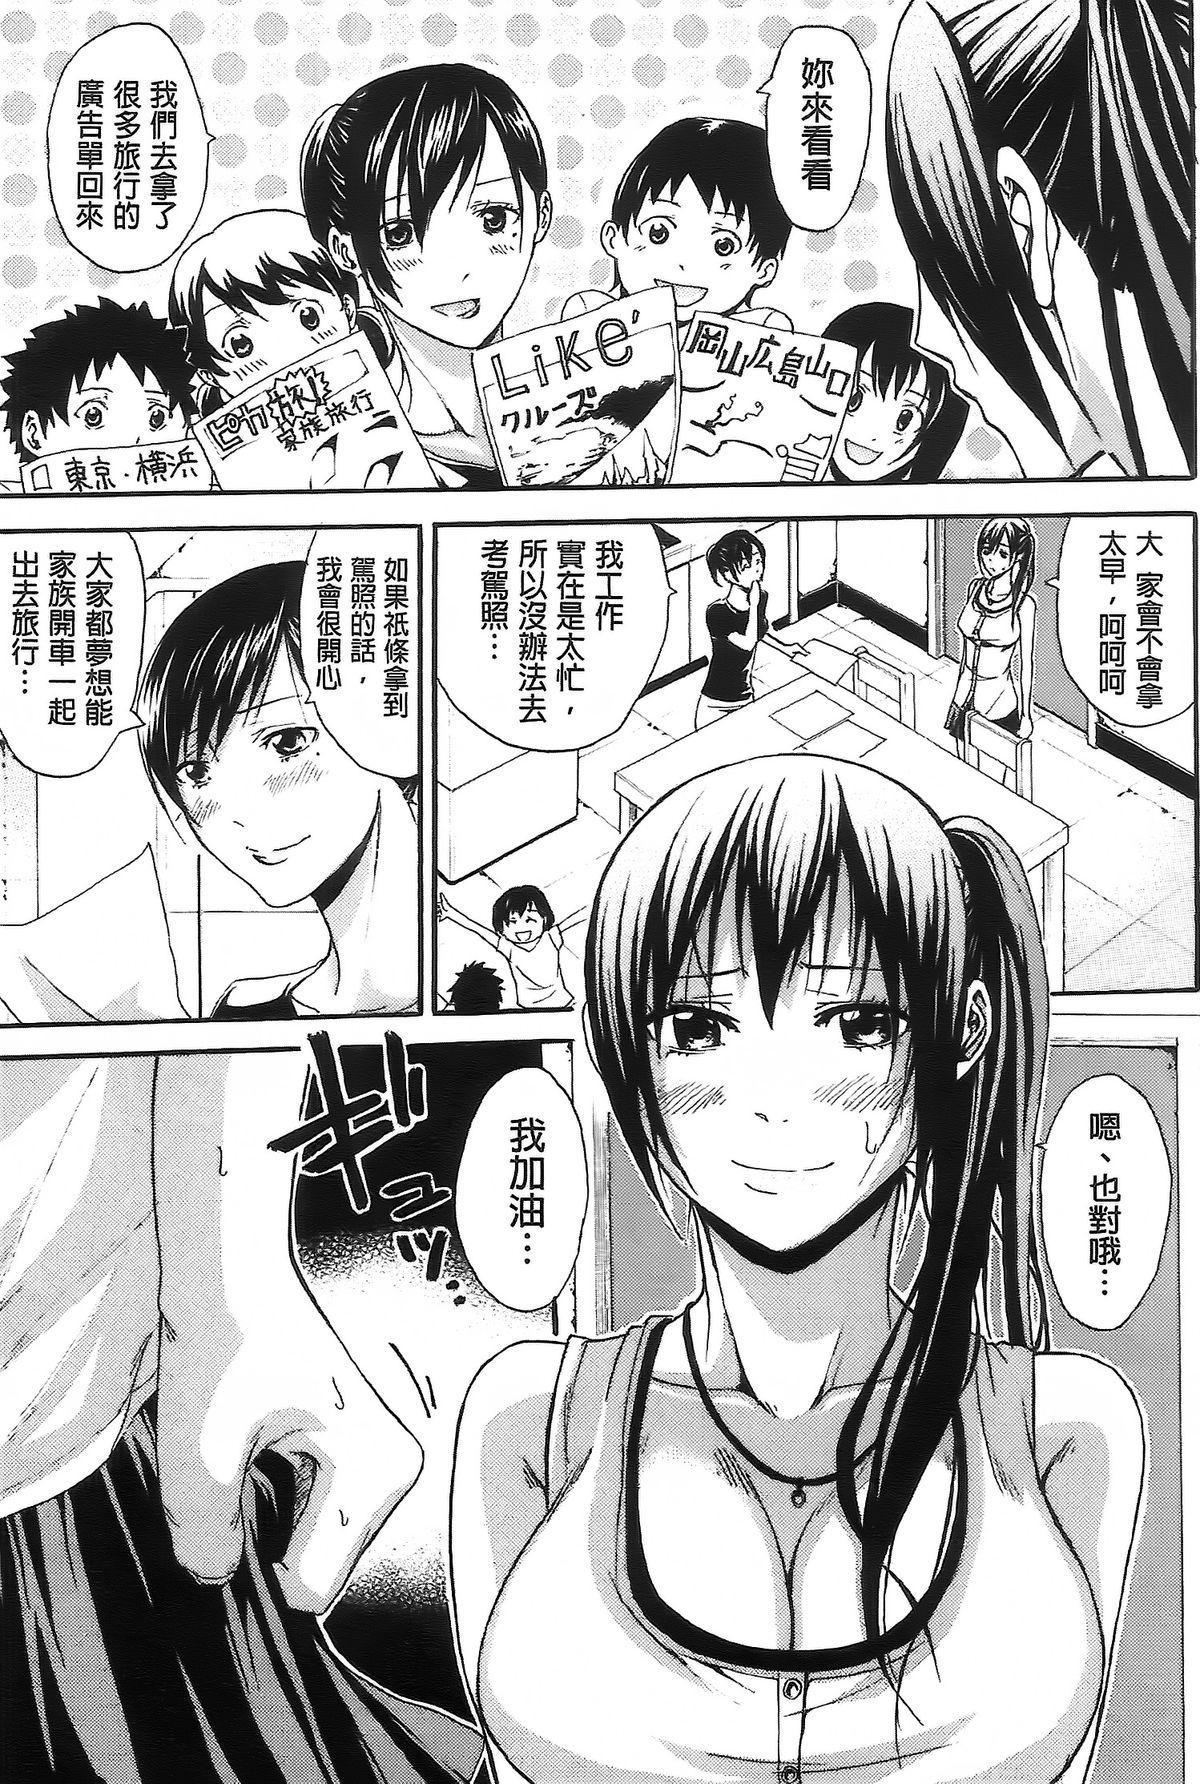 Bukatsu shoujo to amai ase 142